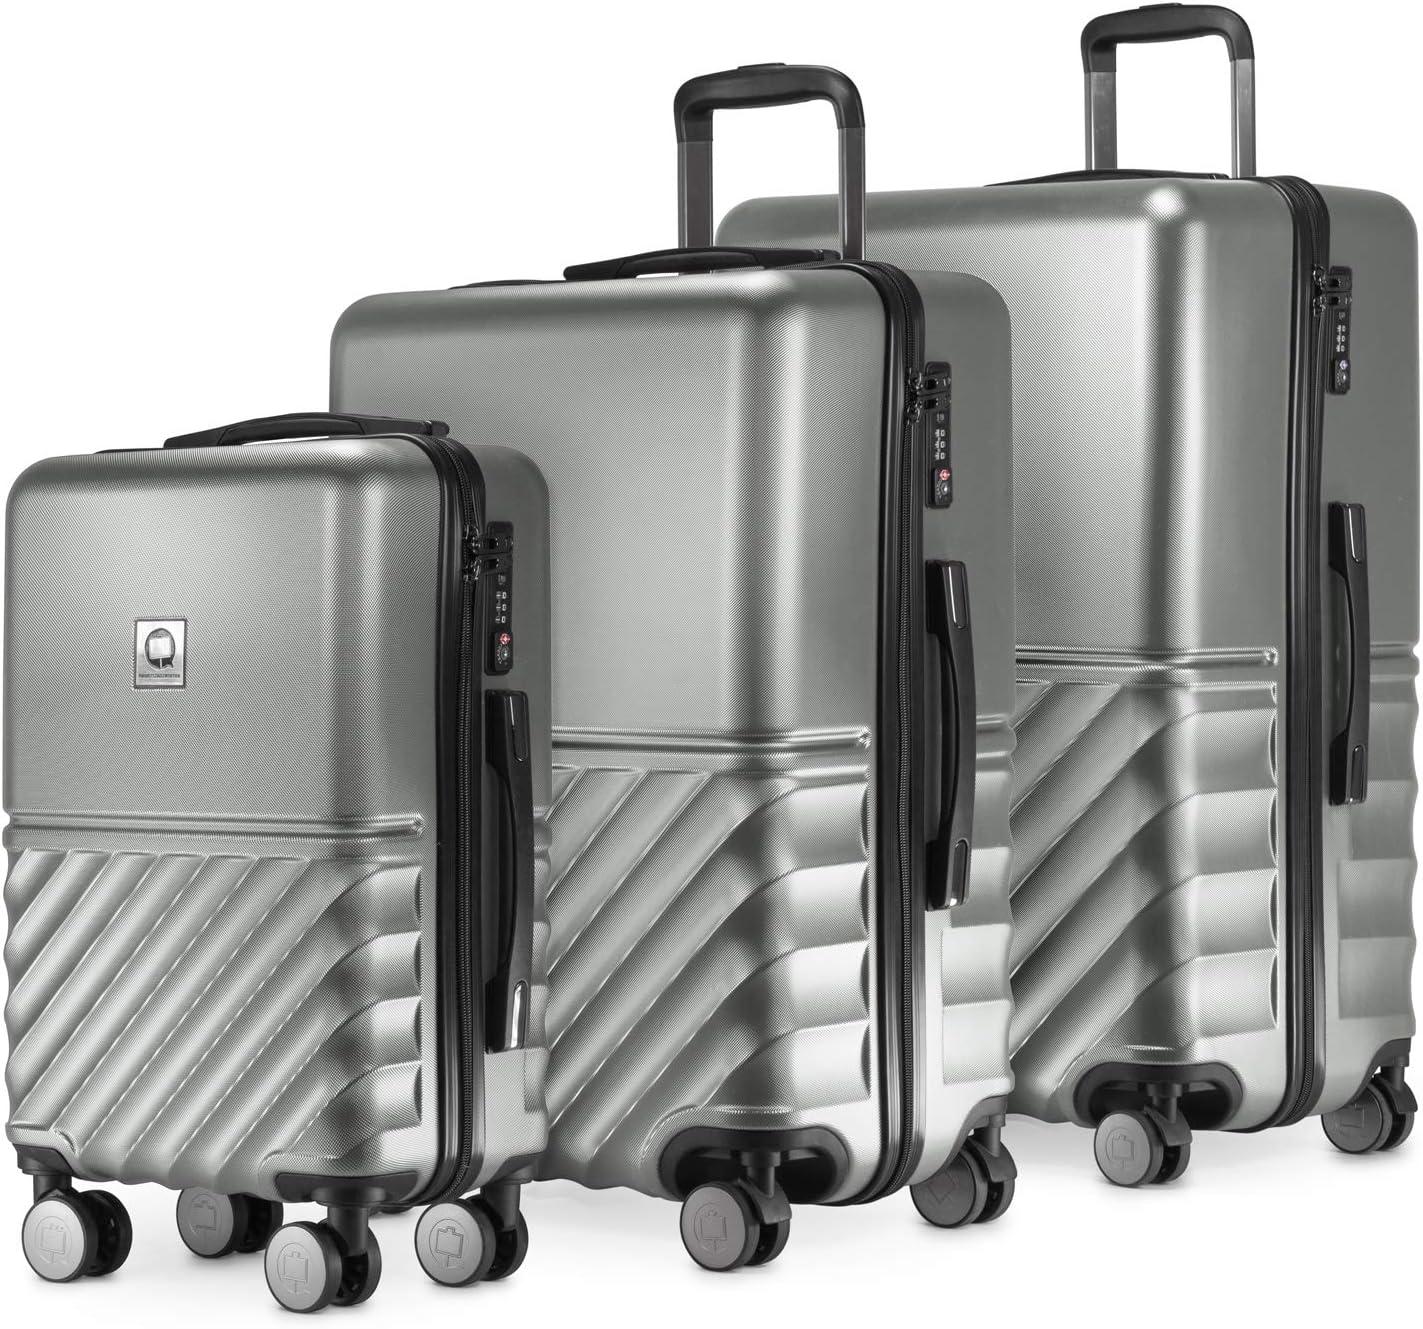 HAUPTSTADTKOFFER - Boxi - Juego de 3 piezas ( 55 cm, 66 cm, 76 cm), Maleta rígida giratoria, Trolley, TSA, 4 rudeas, Plateado